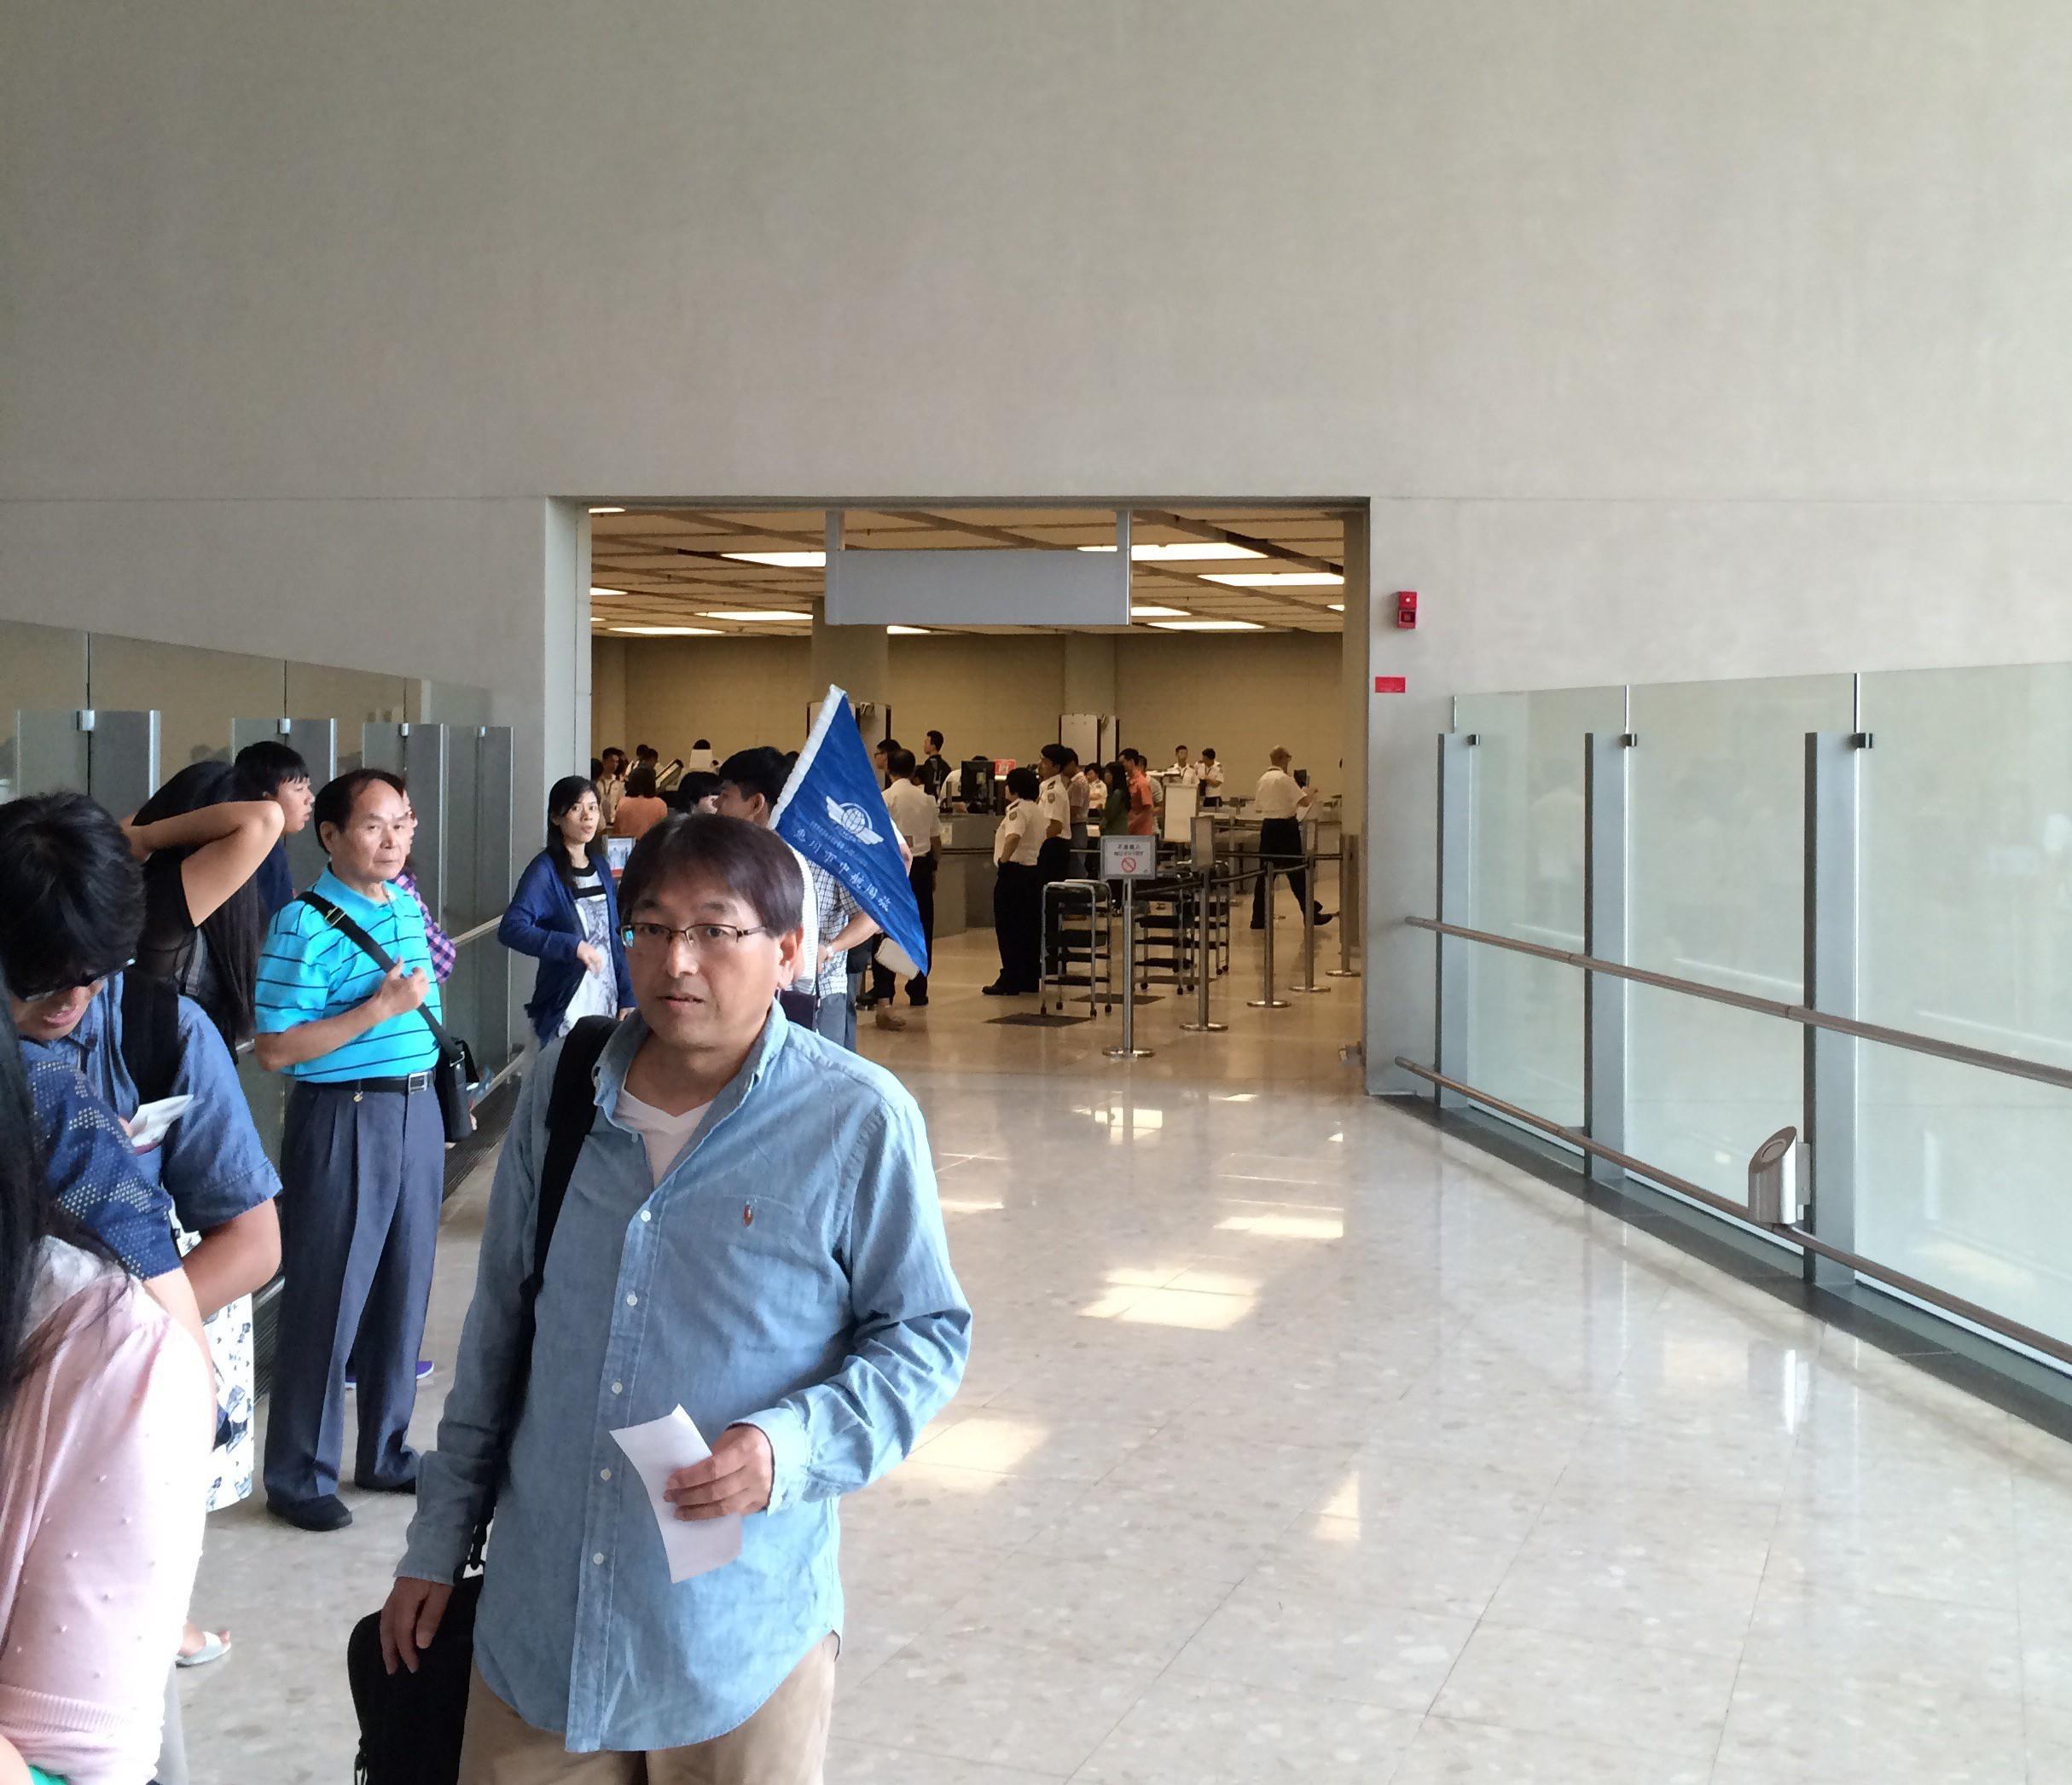 マカオフェリーターミナル-マカオから香港空港-香港ポートピア5